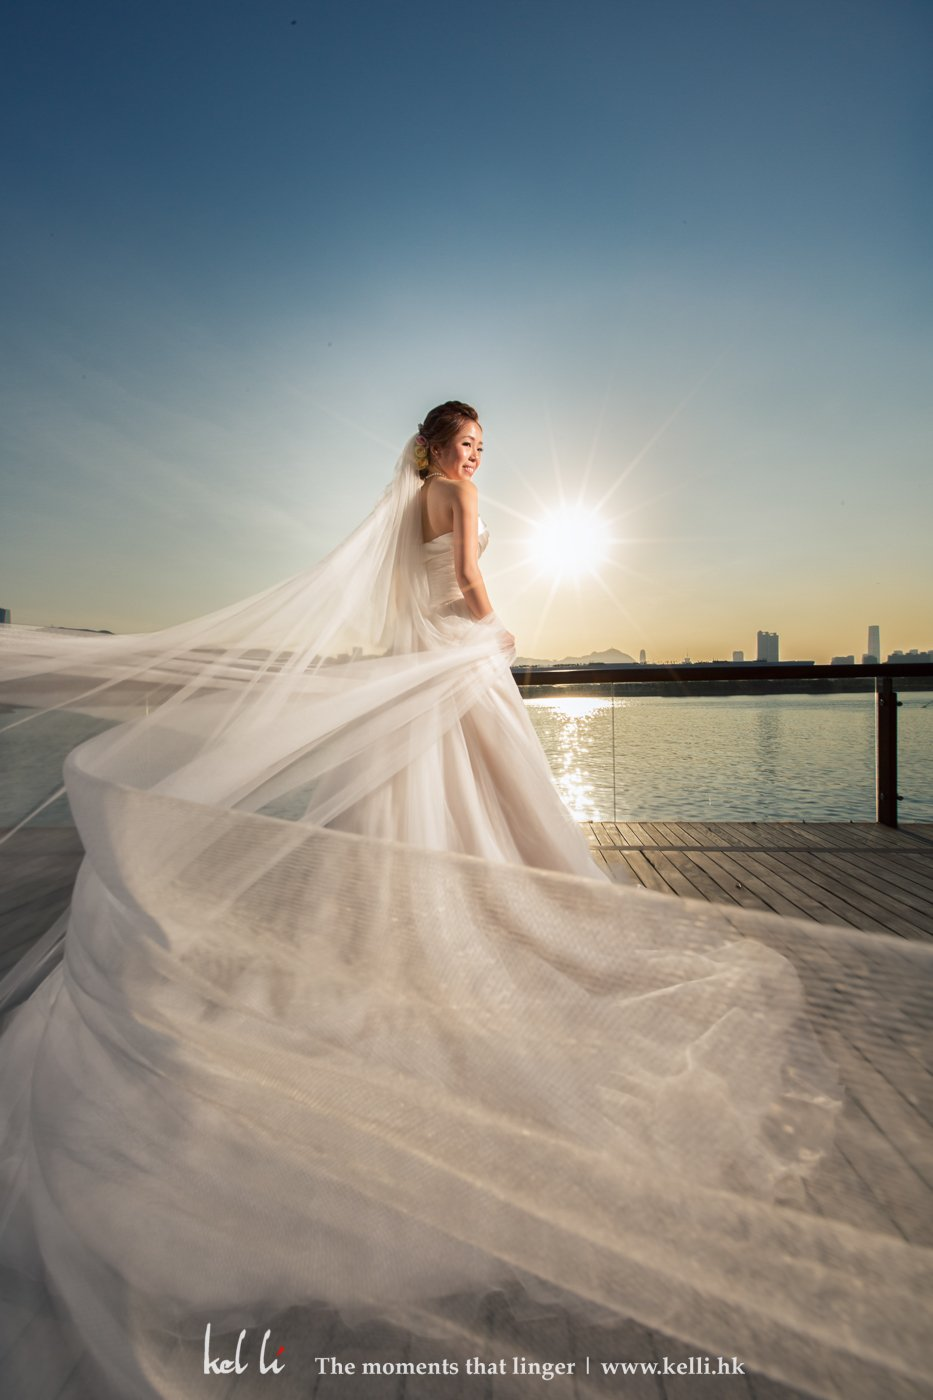 新娘戶外單人照片